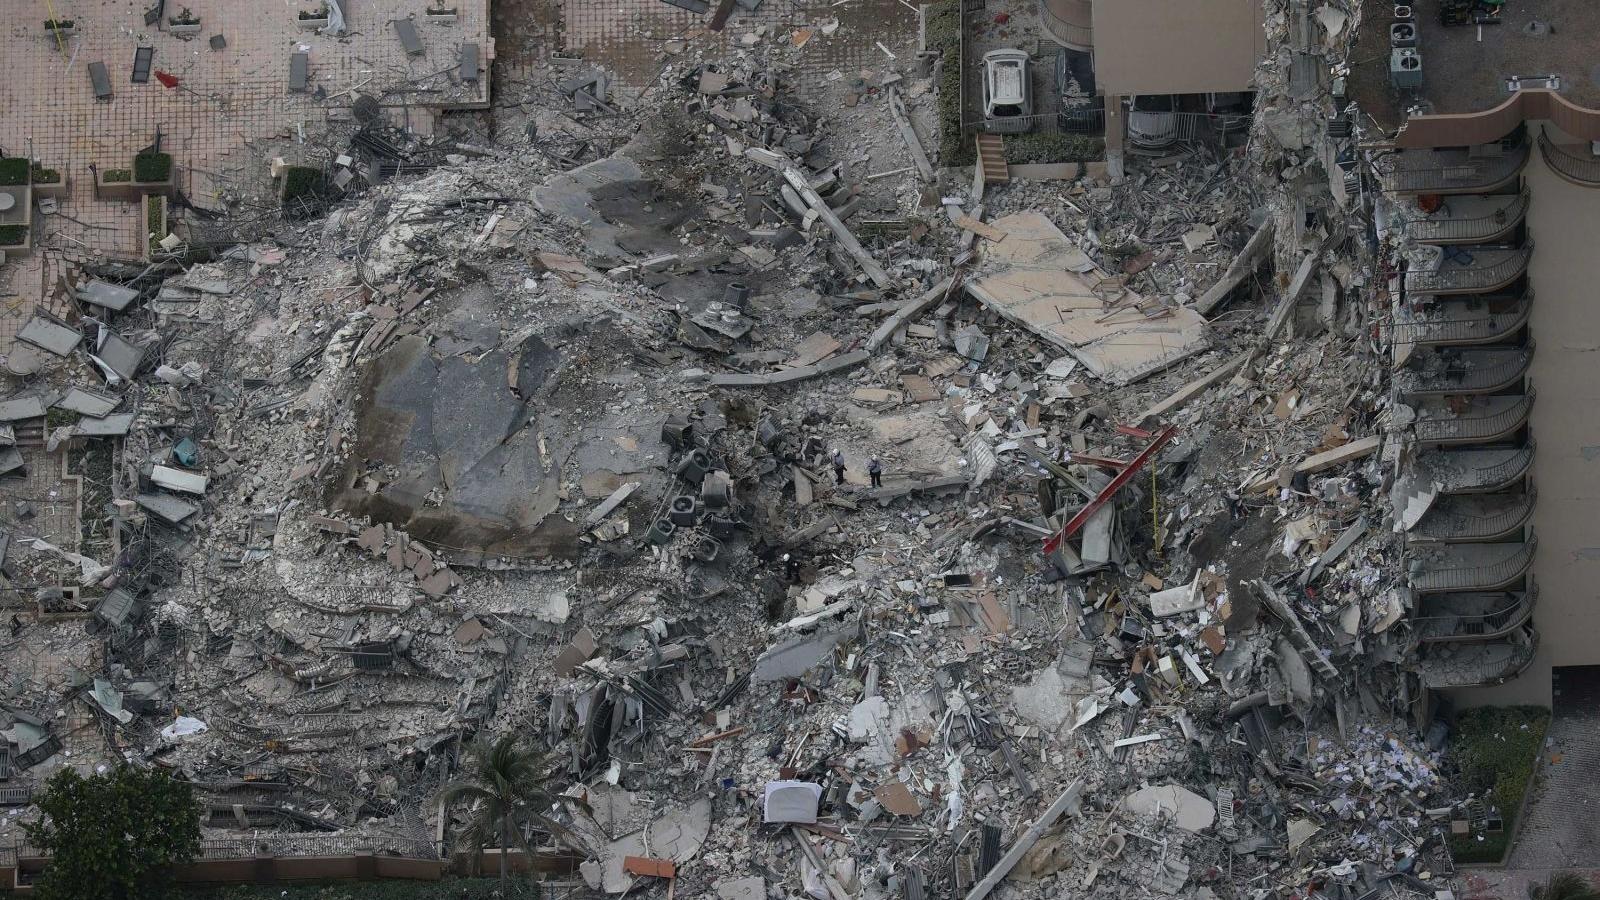 Hiện trường đổ nát vụ sập chung cư kinh hoàng ở Miami (Mỹ)